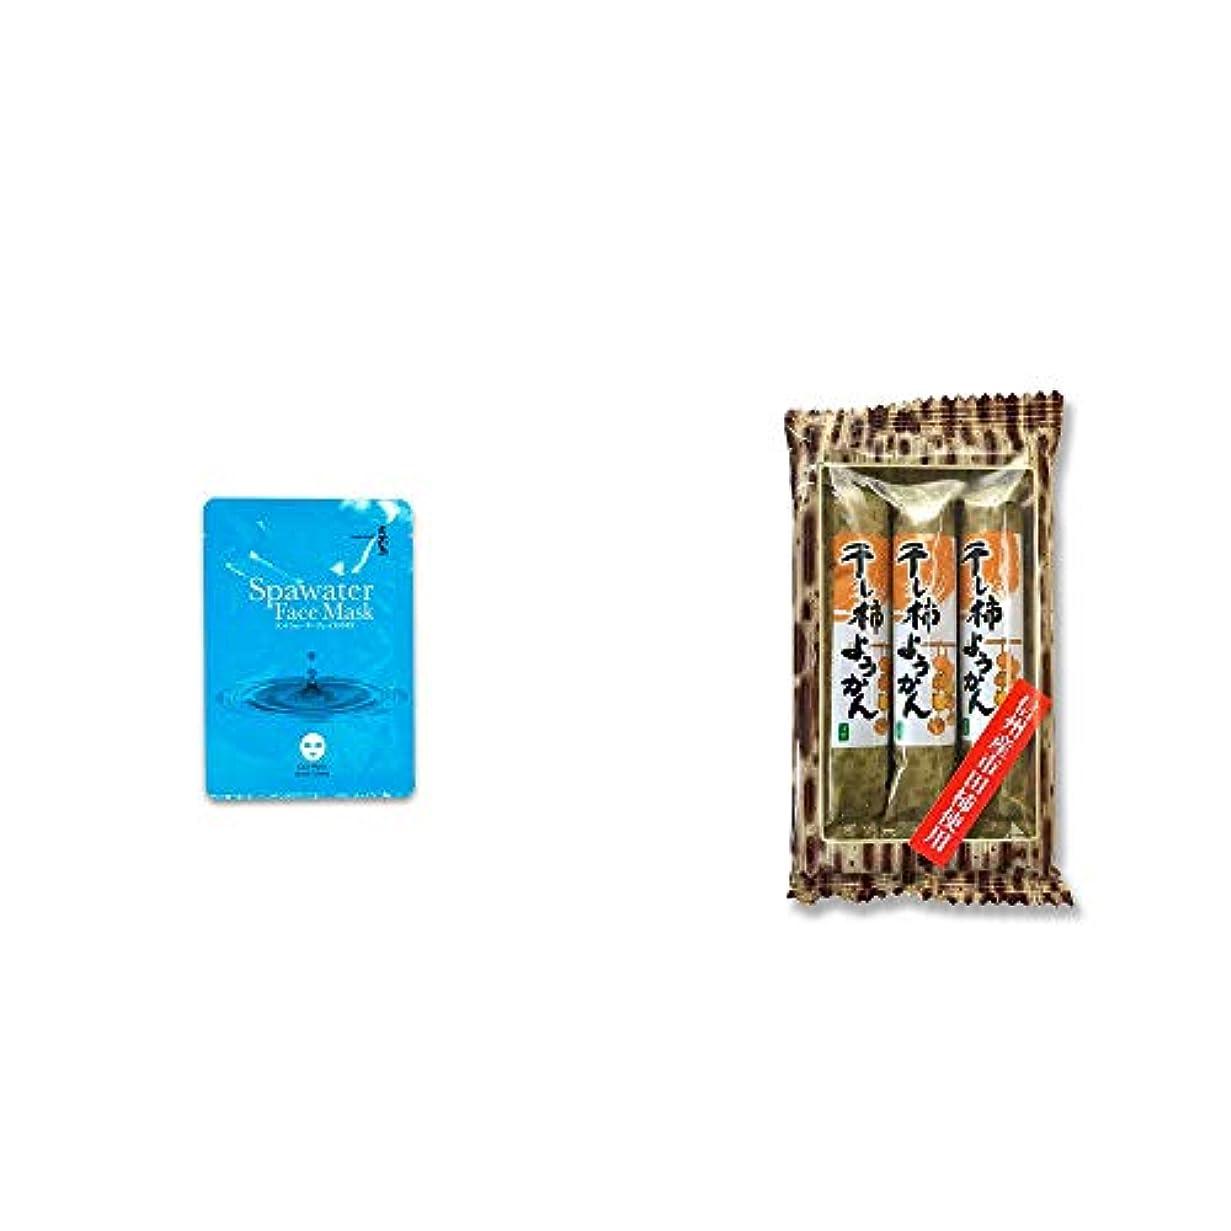 話をする多様な雑品[2点セット] ひのき炭黒泉 スパウォーターフェイスマスク(18ml×3枚入)?信州産市田柿使用 スティックようかん[柿](50g×3本)